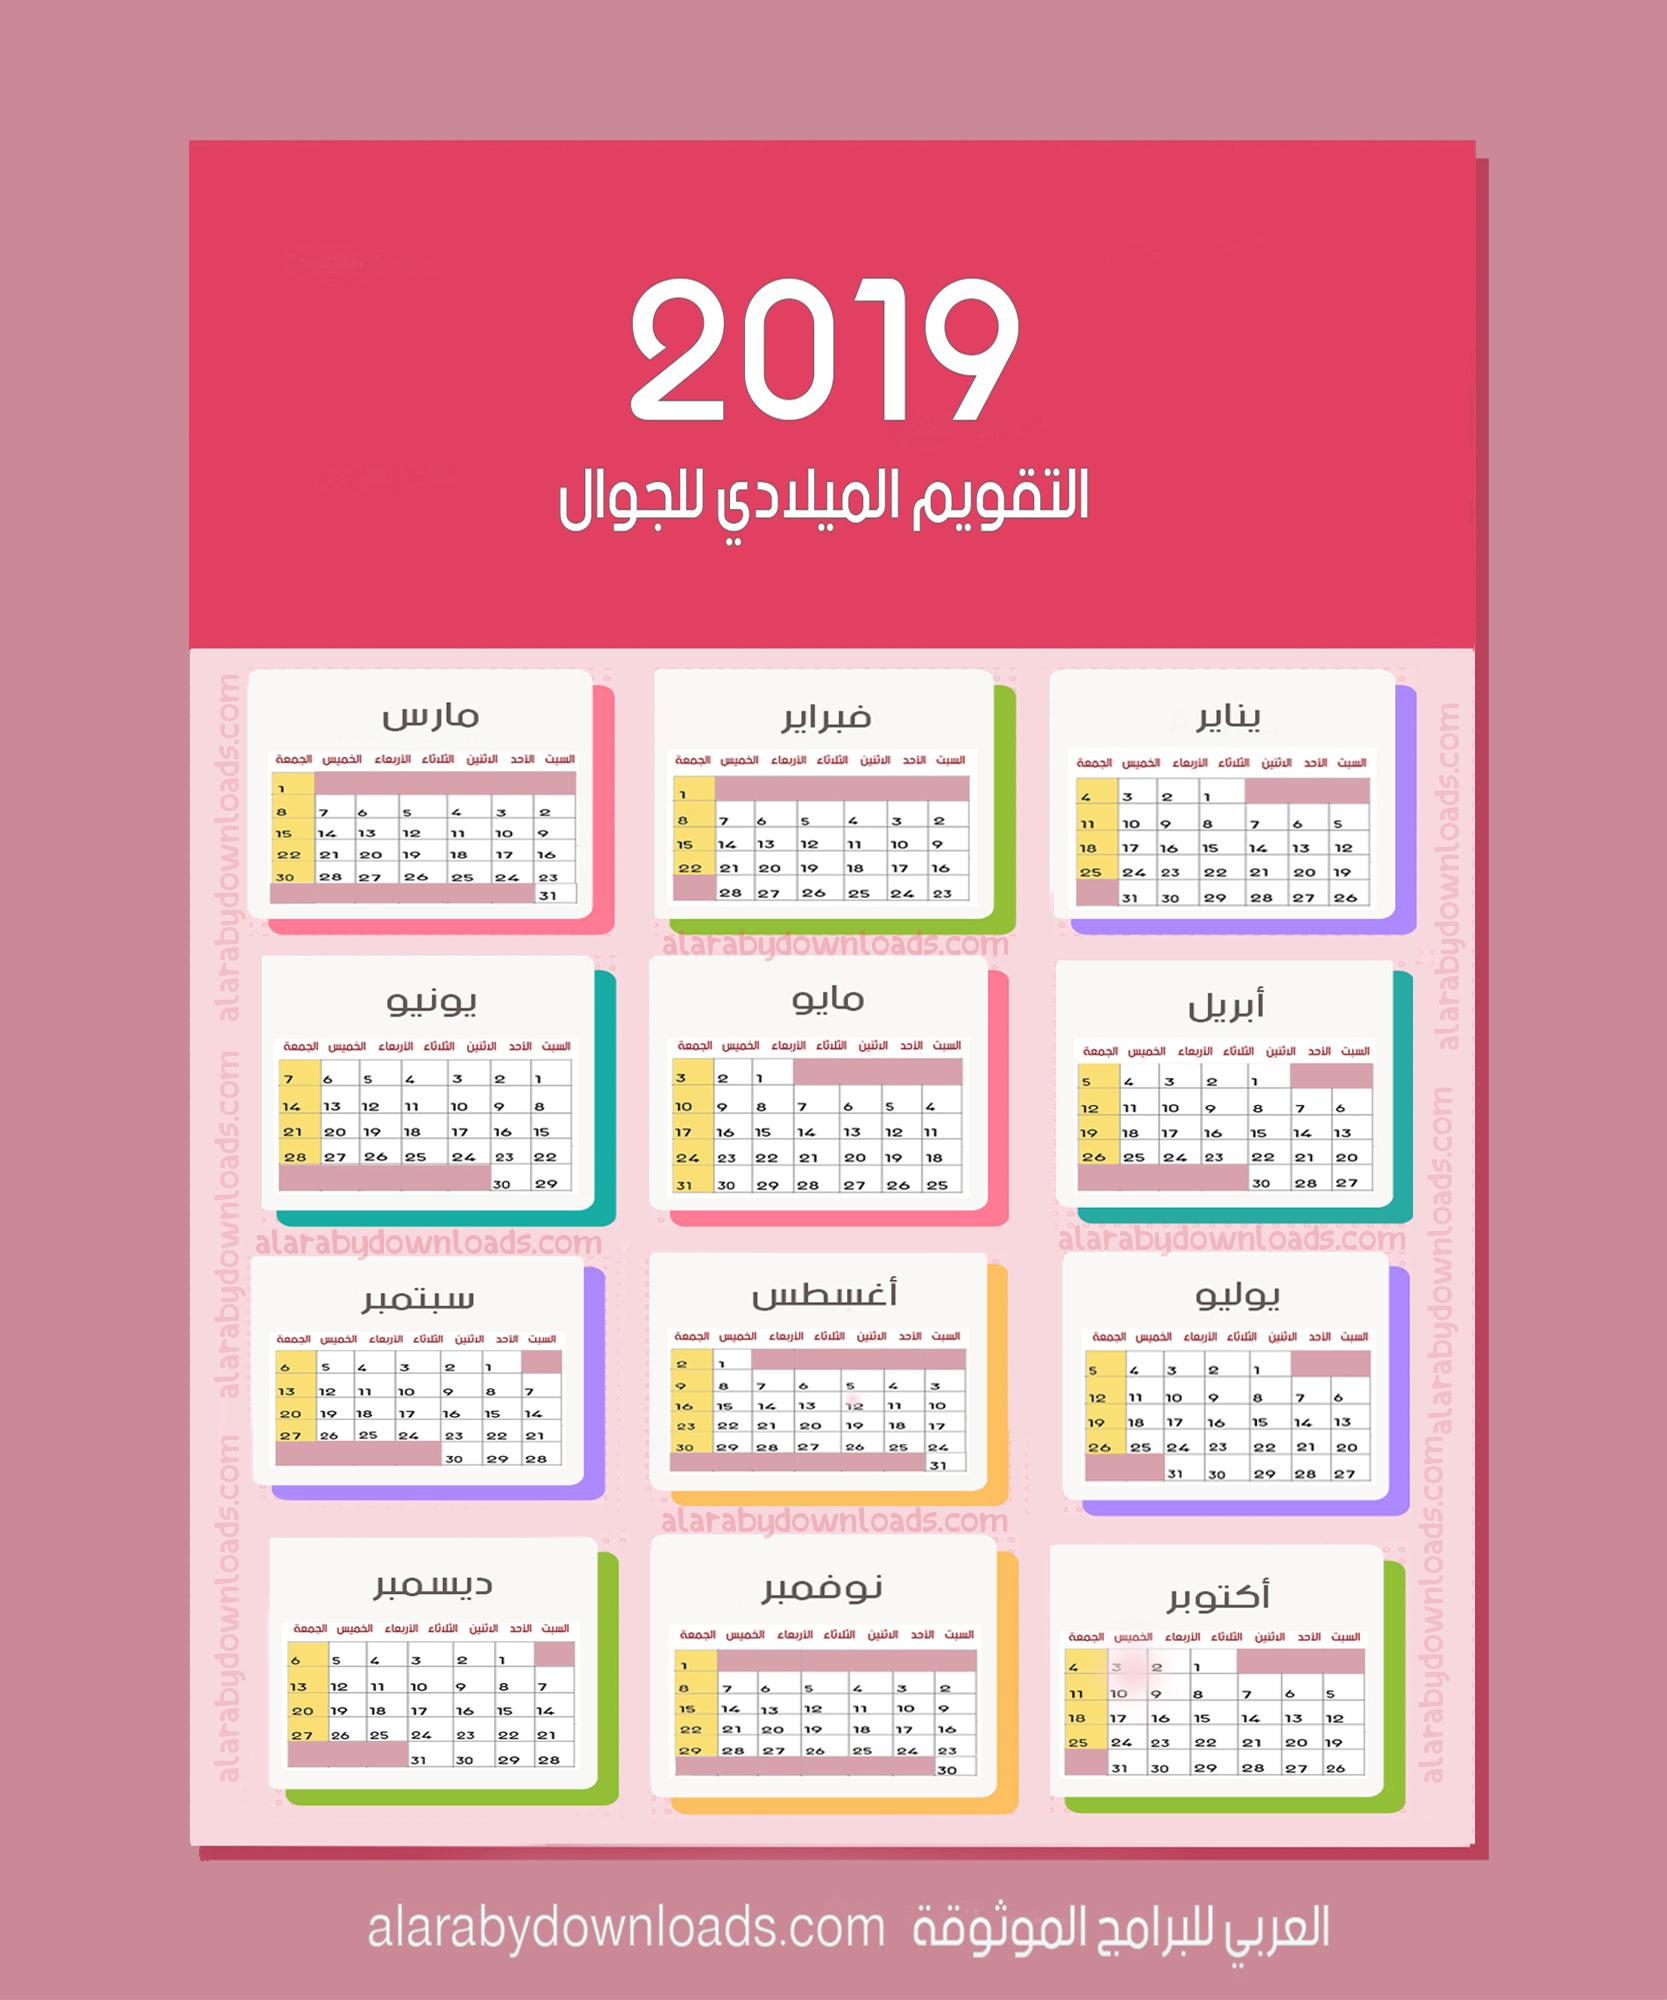 تنزيل التقويم الميلادي 2019 صورة للموبايل تاريخ اليوم بالتفصيل